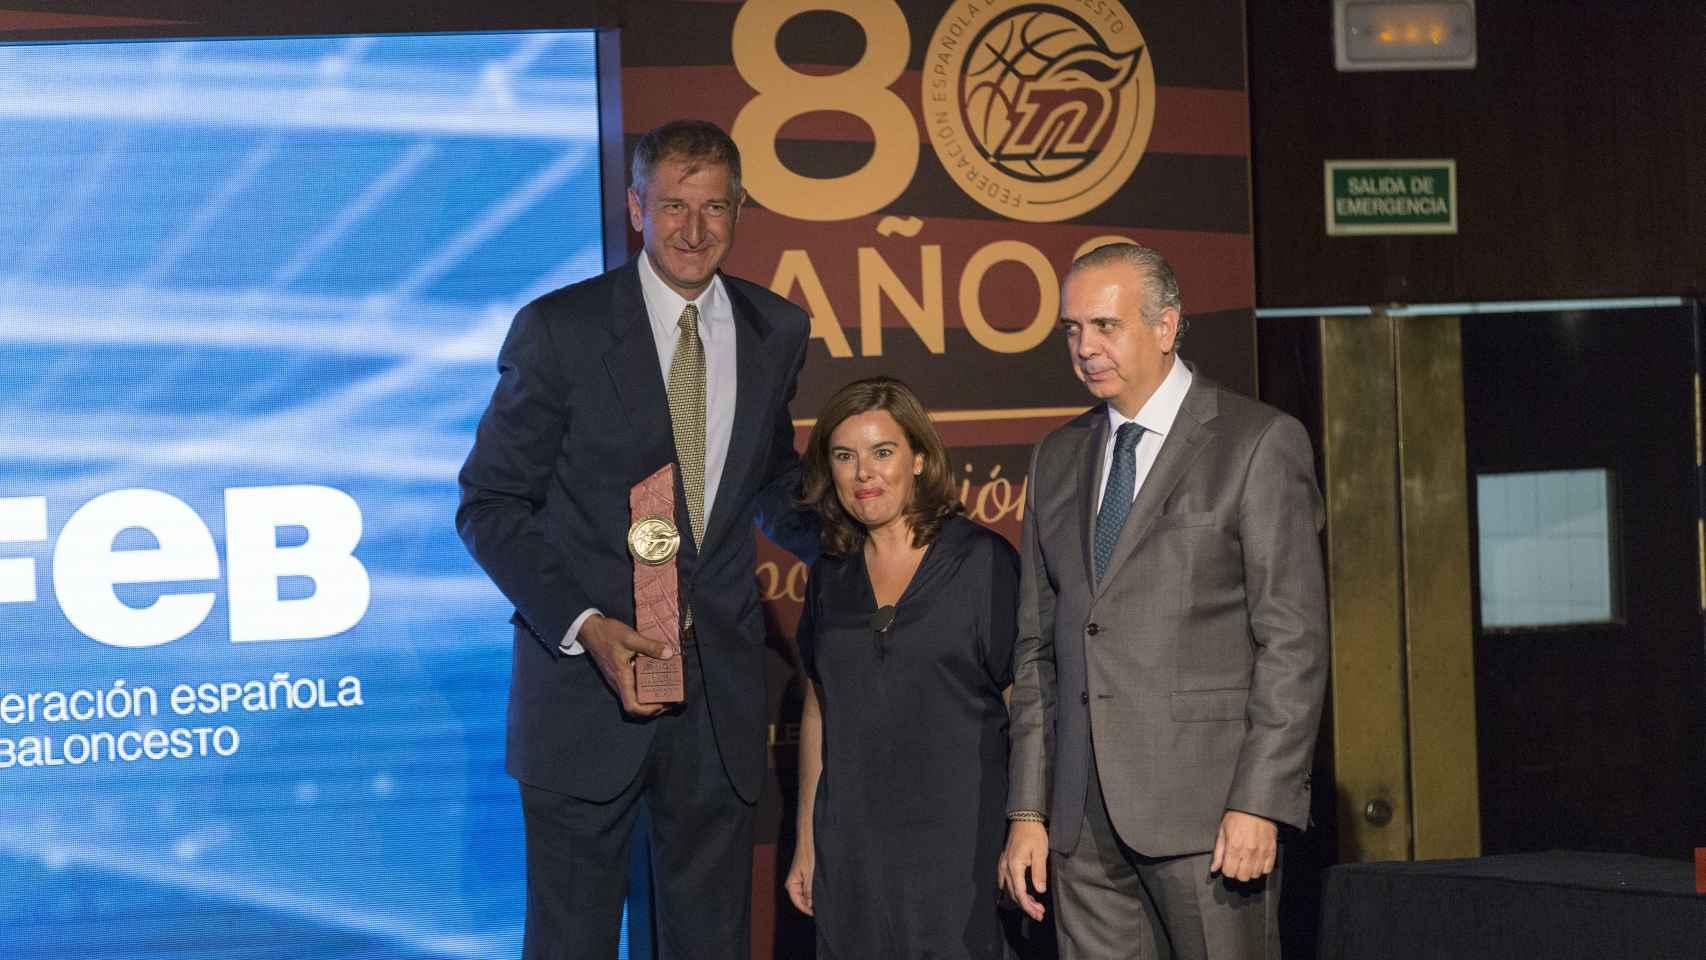 Jiménez recibe un premio junto a la vicepresidenta del Gobierno y José Luis Sáez.